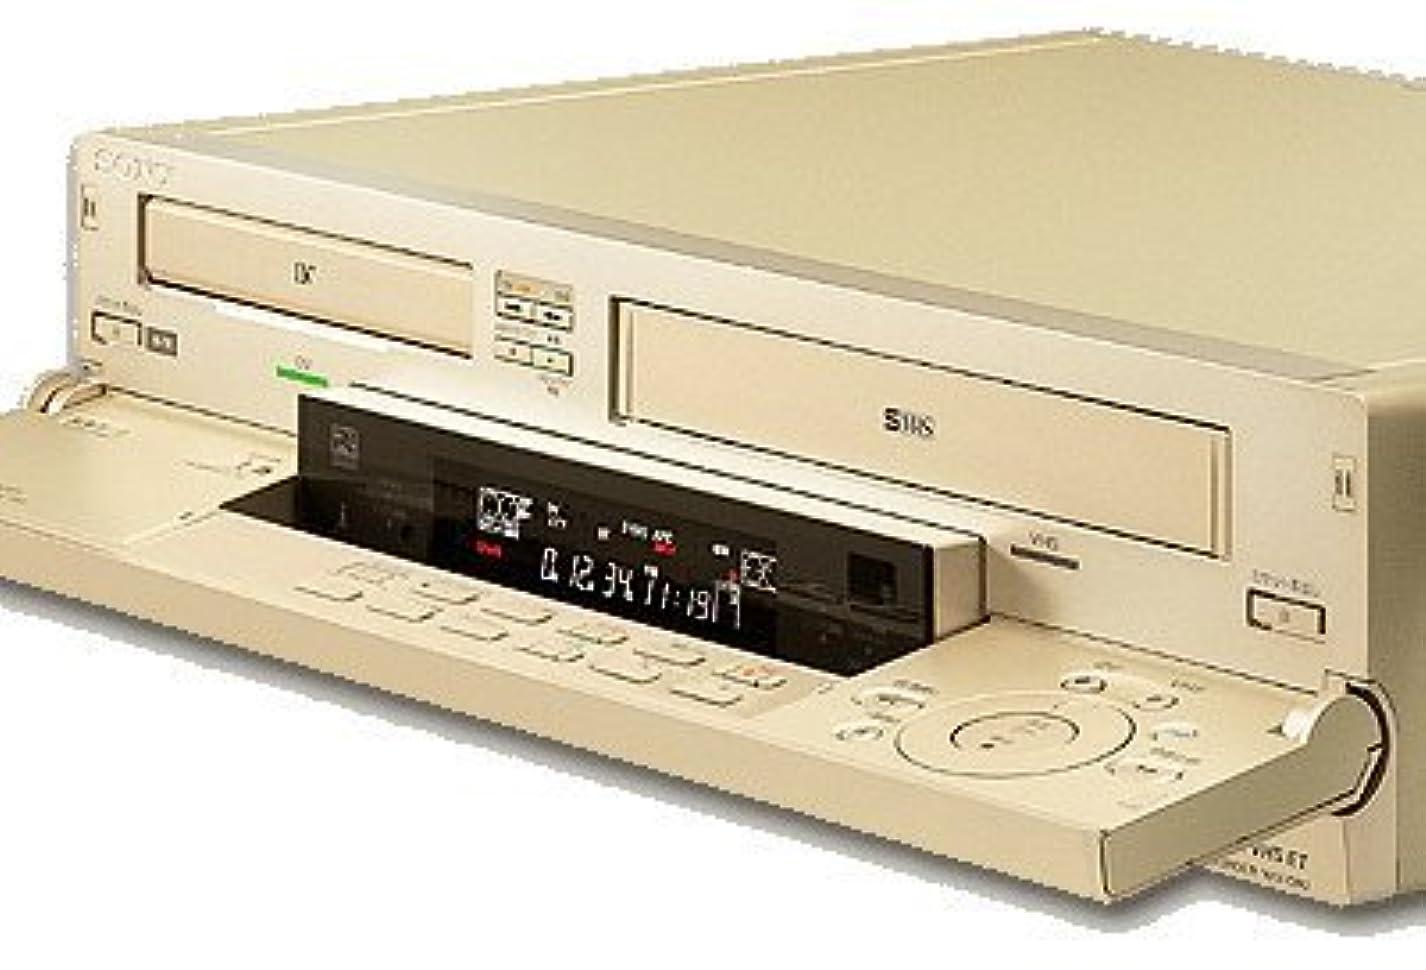 略語信じるはいREVOLUTION VHSレコーダー アナログ⇒デジタル保存機能 ZM-REC VHSをmicro SDカードへダイレクト録画